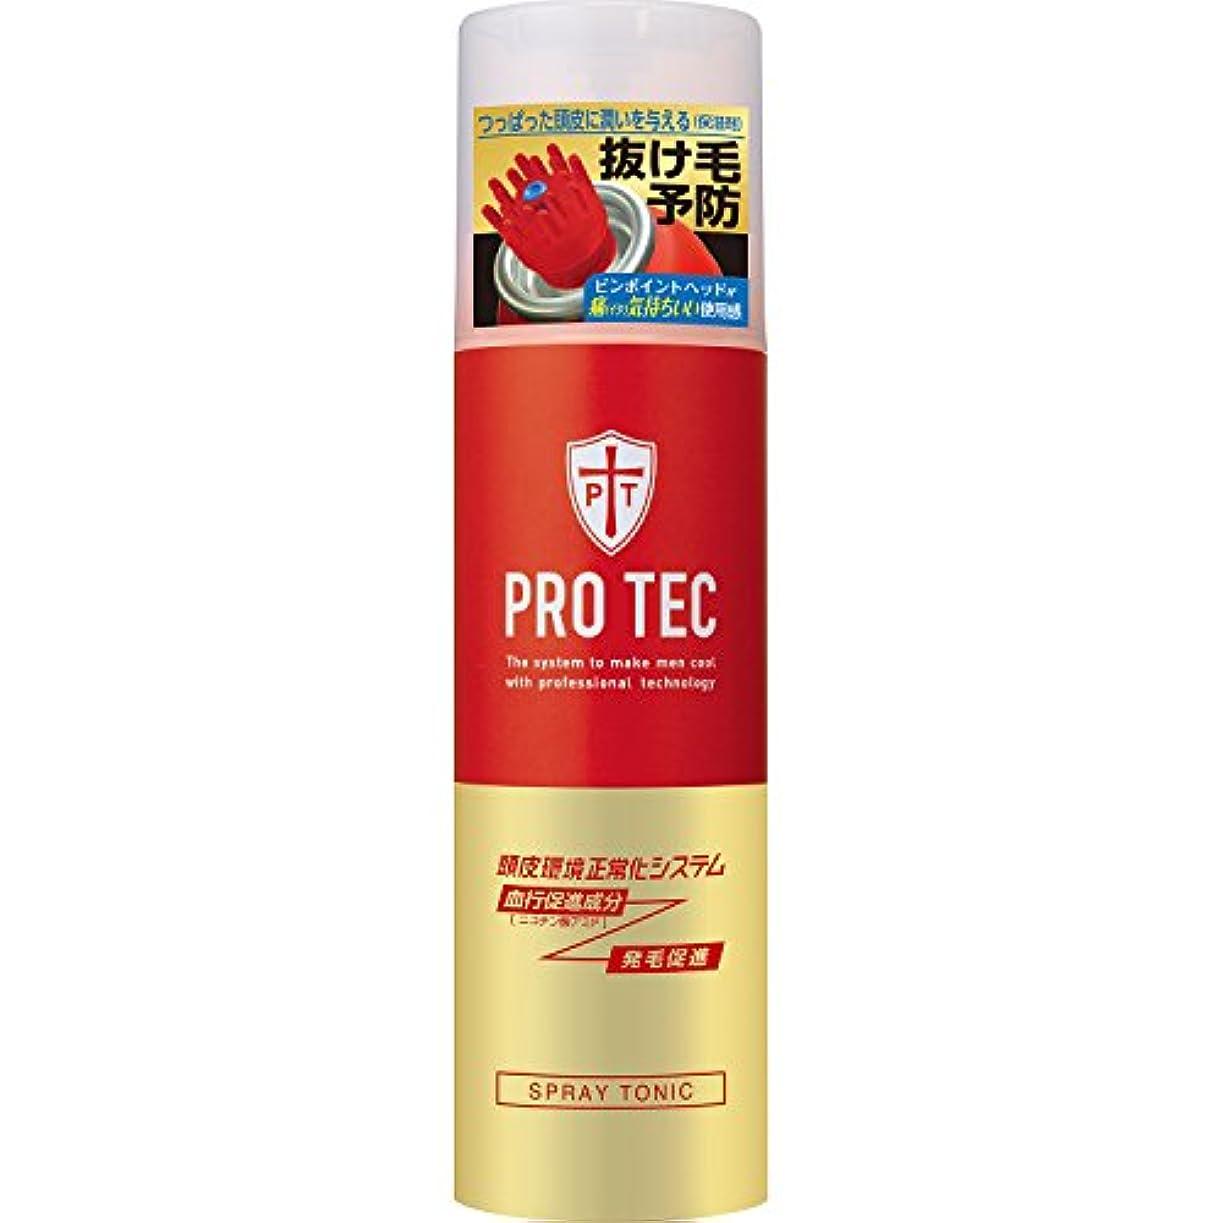 コピー正統派妊娠したPRO TEC(プロテク) スプレートニック 150g(医薬部外品)